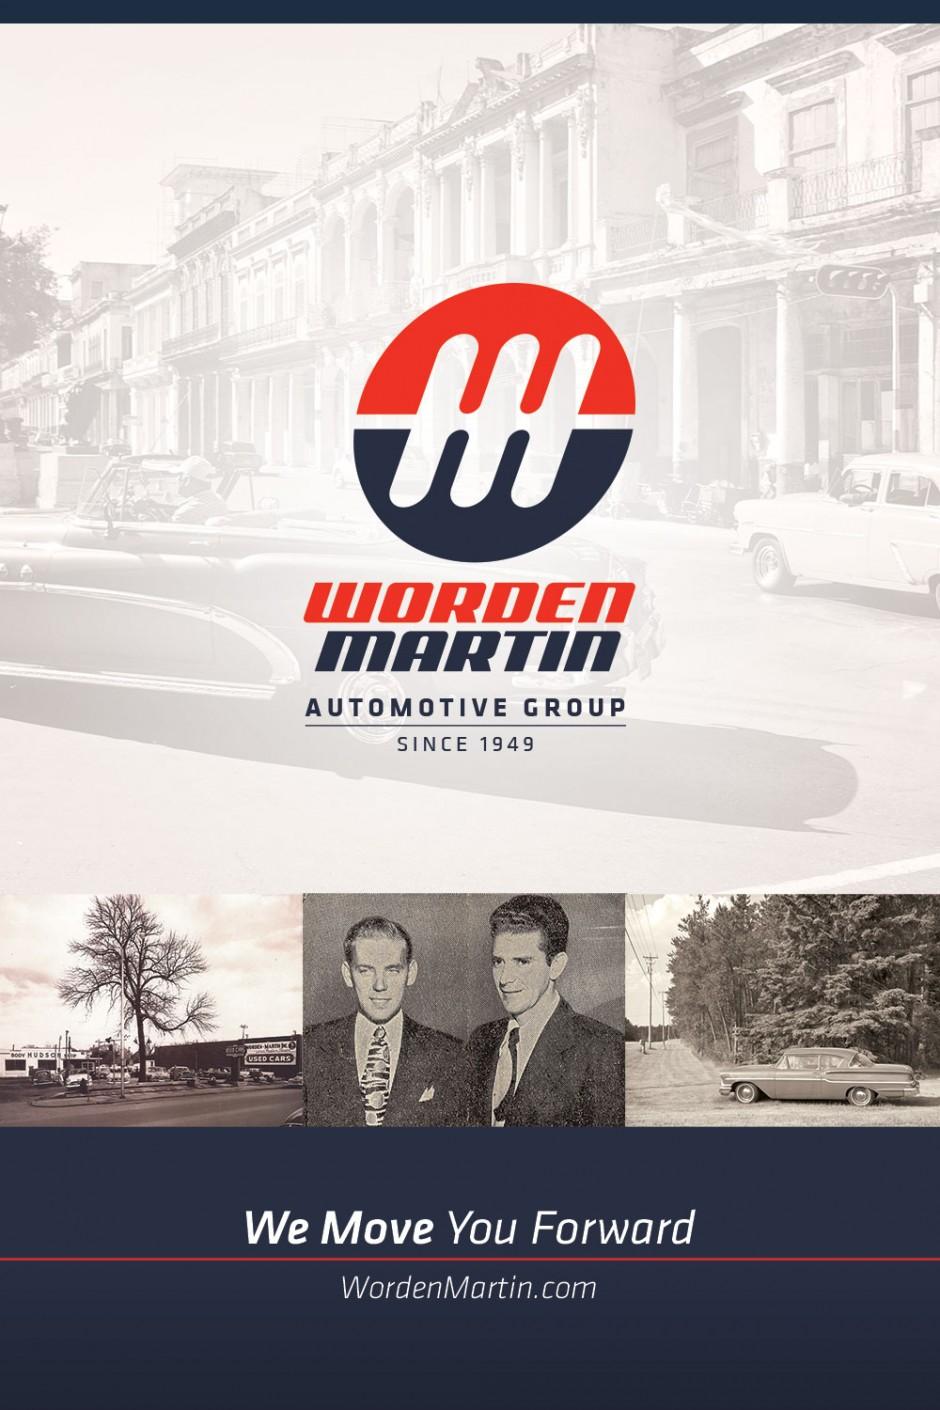 worden-martin-rebrand-poster